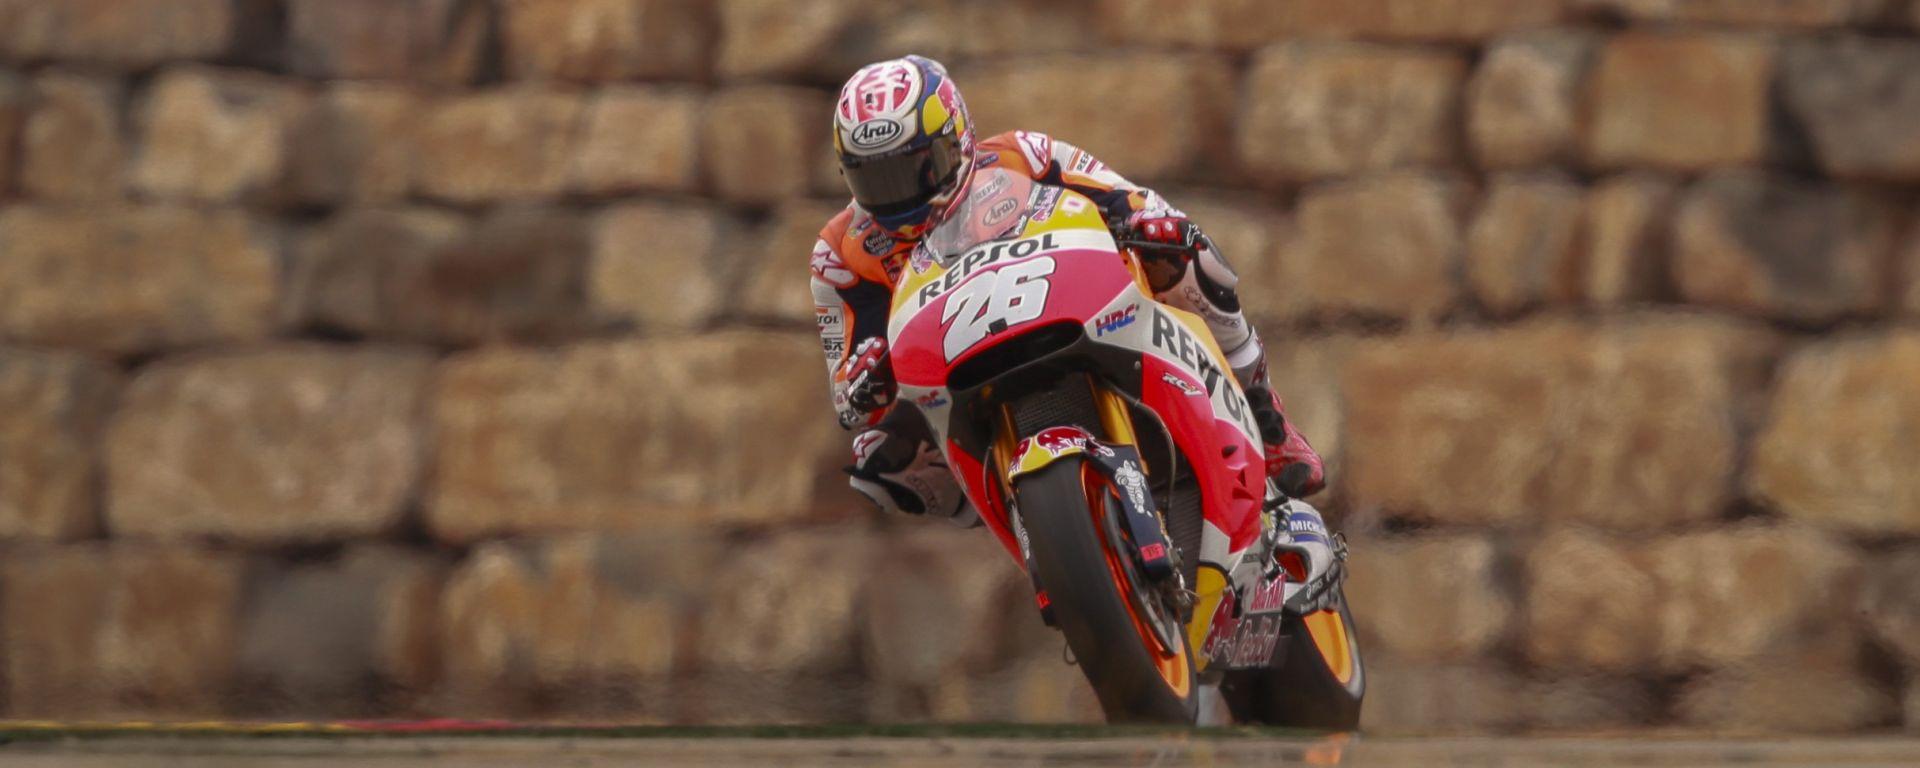 MotoGP Aragon 2016: Pedrosa e Marquez dominano le libere del Venerdì, Valentino Rossi quarto